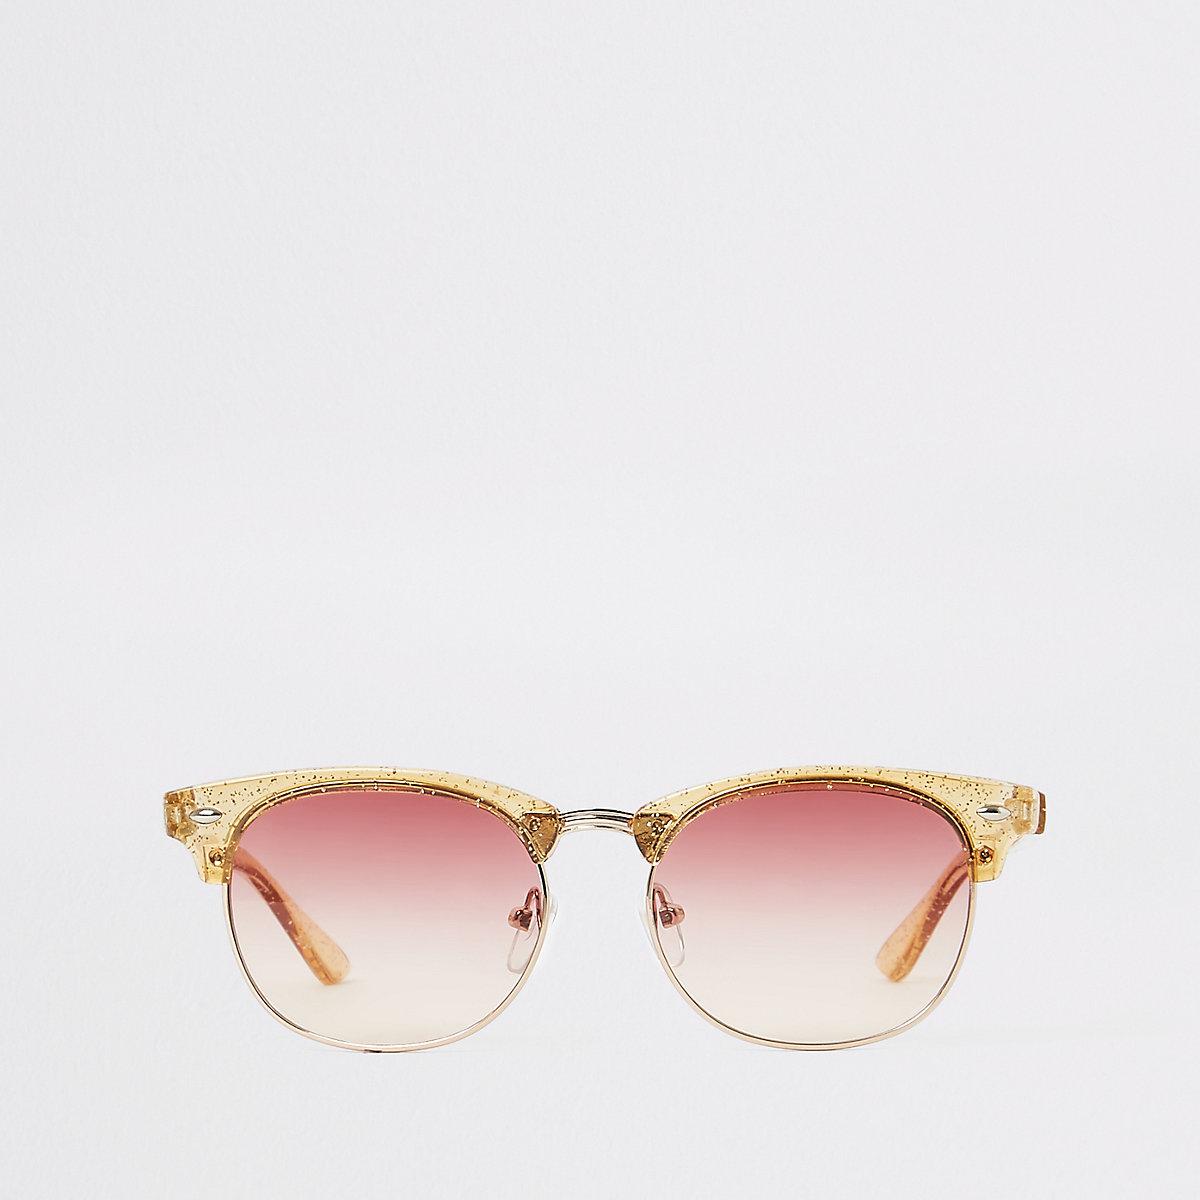 Girls gold glitter retro sunglasses